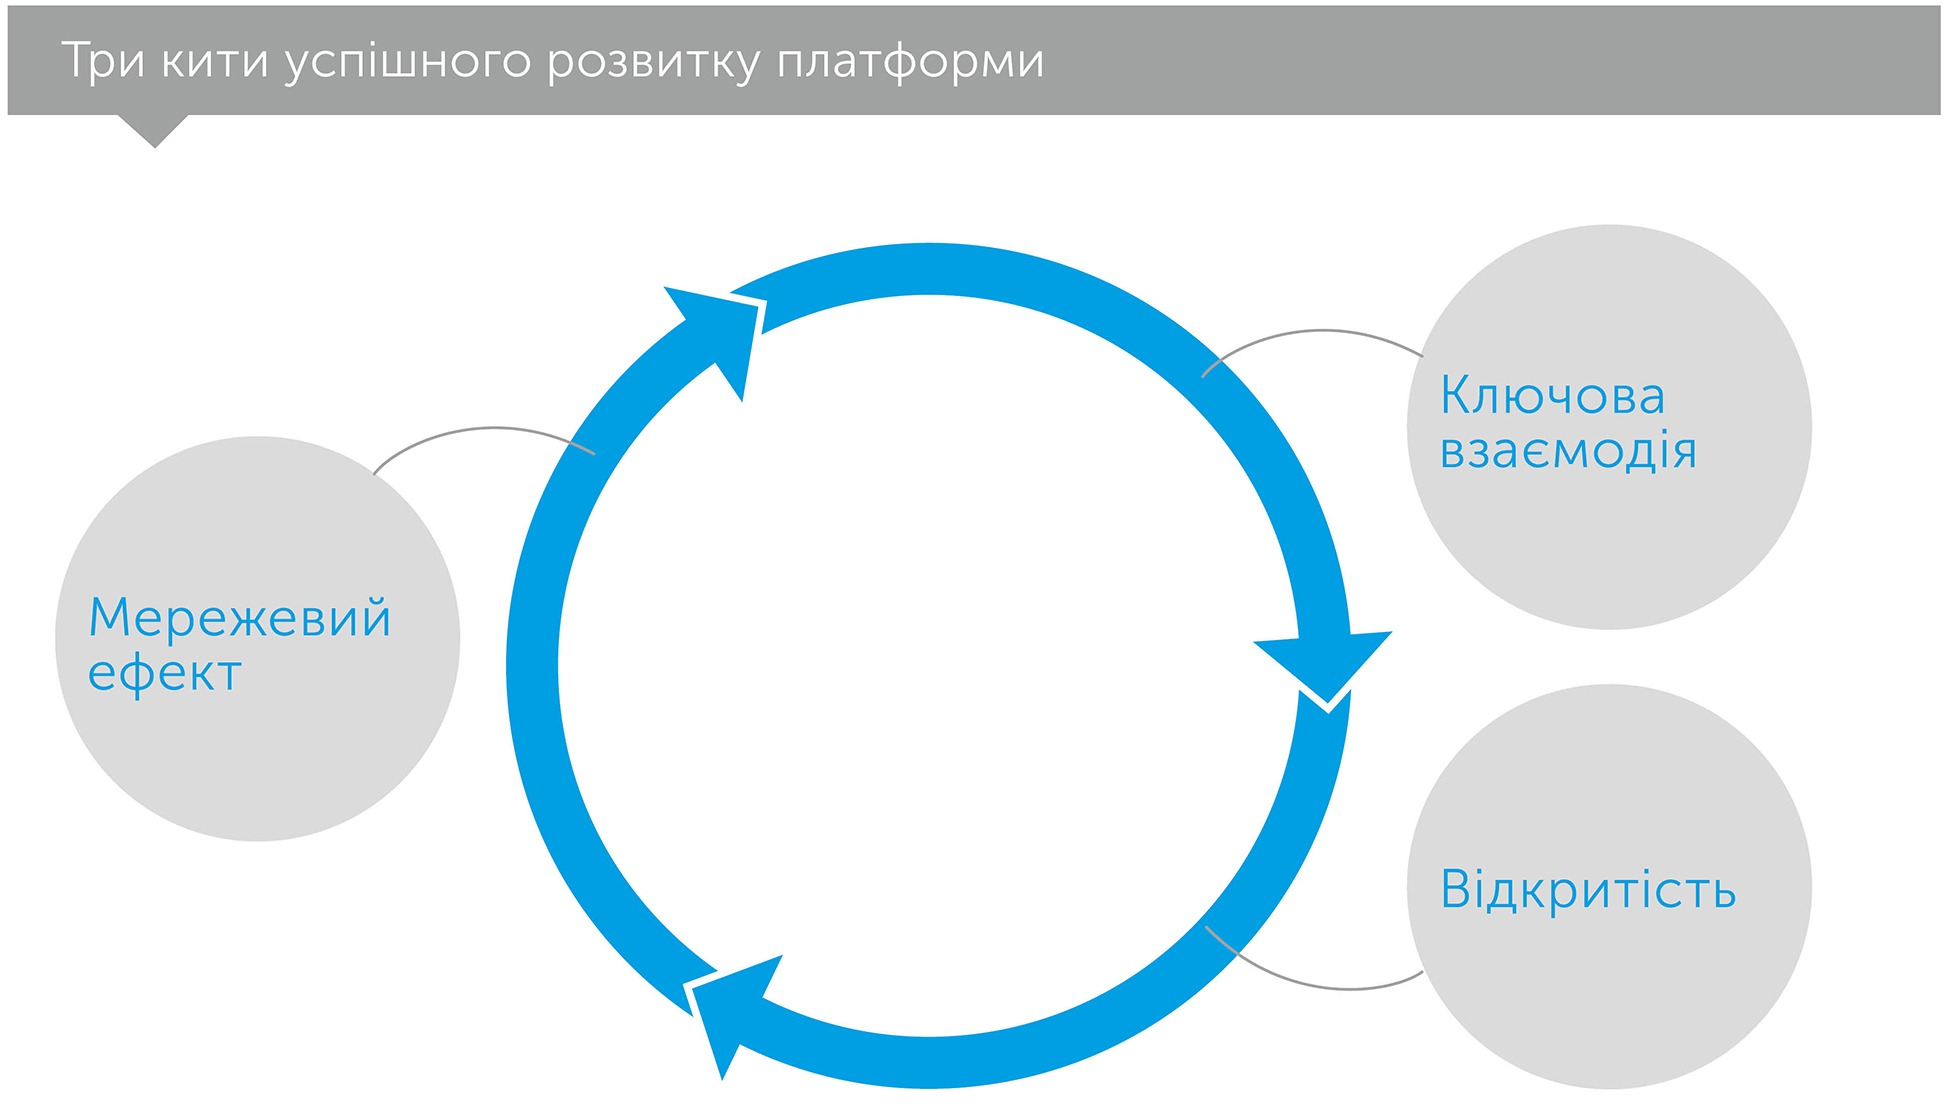 Революція платформ. Як мережеві ринки змінюють економіку – і як змусити їх працювати на вас, автор Маршалл Альстайн | Kyivstar Business Hub, зображення №5